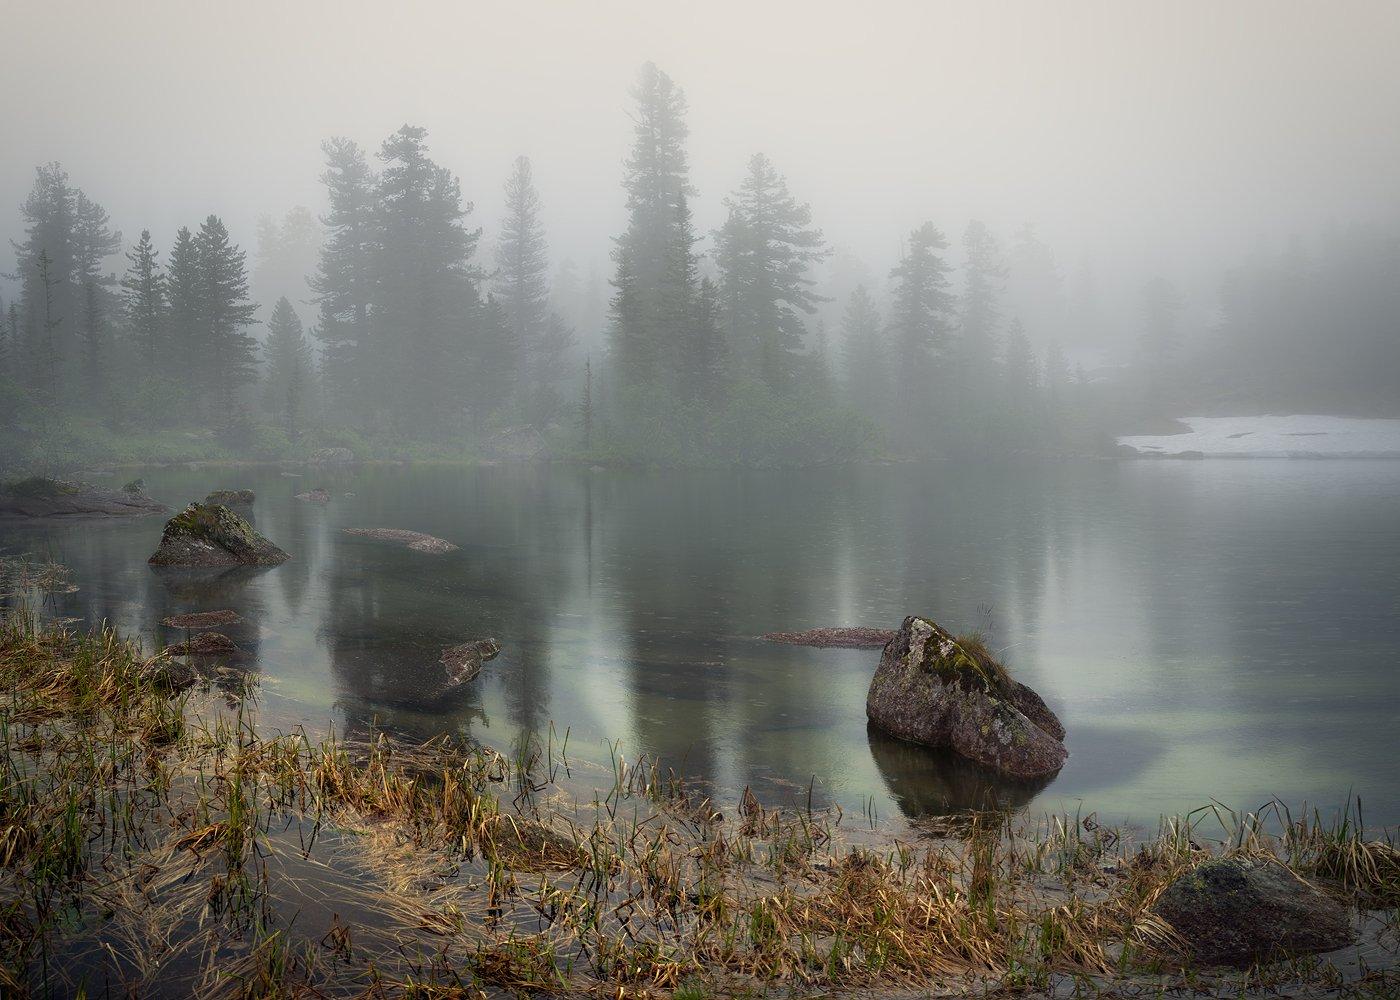 пейзаж, природа, озеро, туман, непогода, дождь, ергаки, горы, хребет, красноярский, красивая, большой, высокий, трава, путешествие, камни, отражение, тихо, спокойно, Дмитрий Антипов